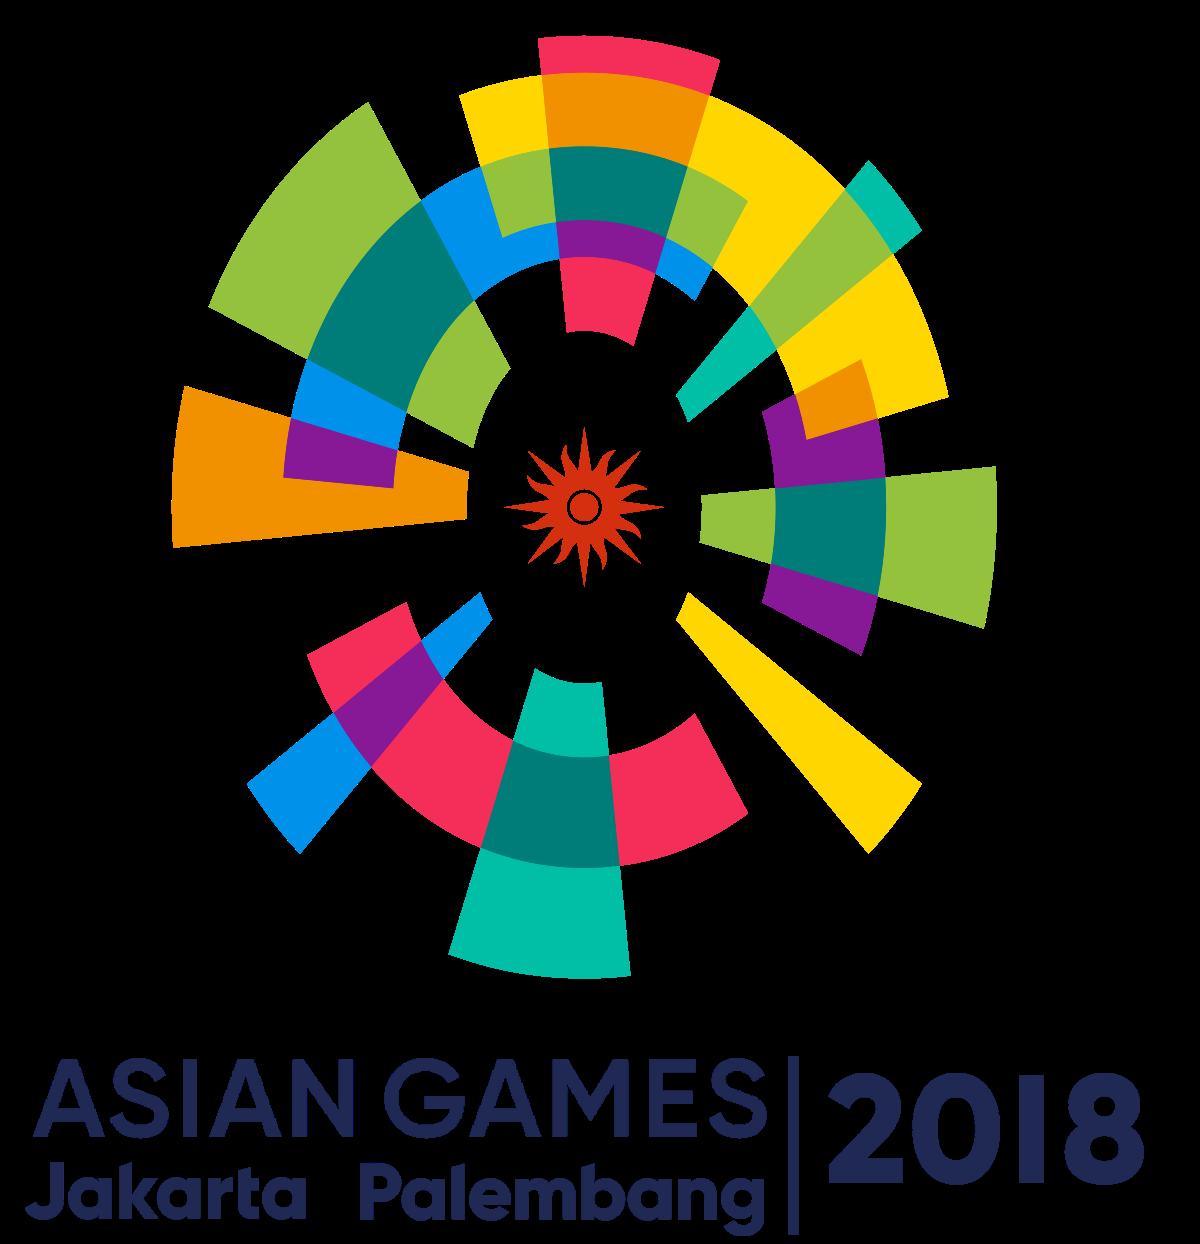 ผลการค้นหารูปภาพสำหรับ ASIAN GAMES png